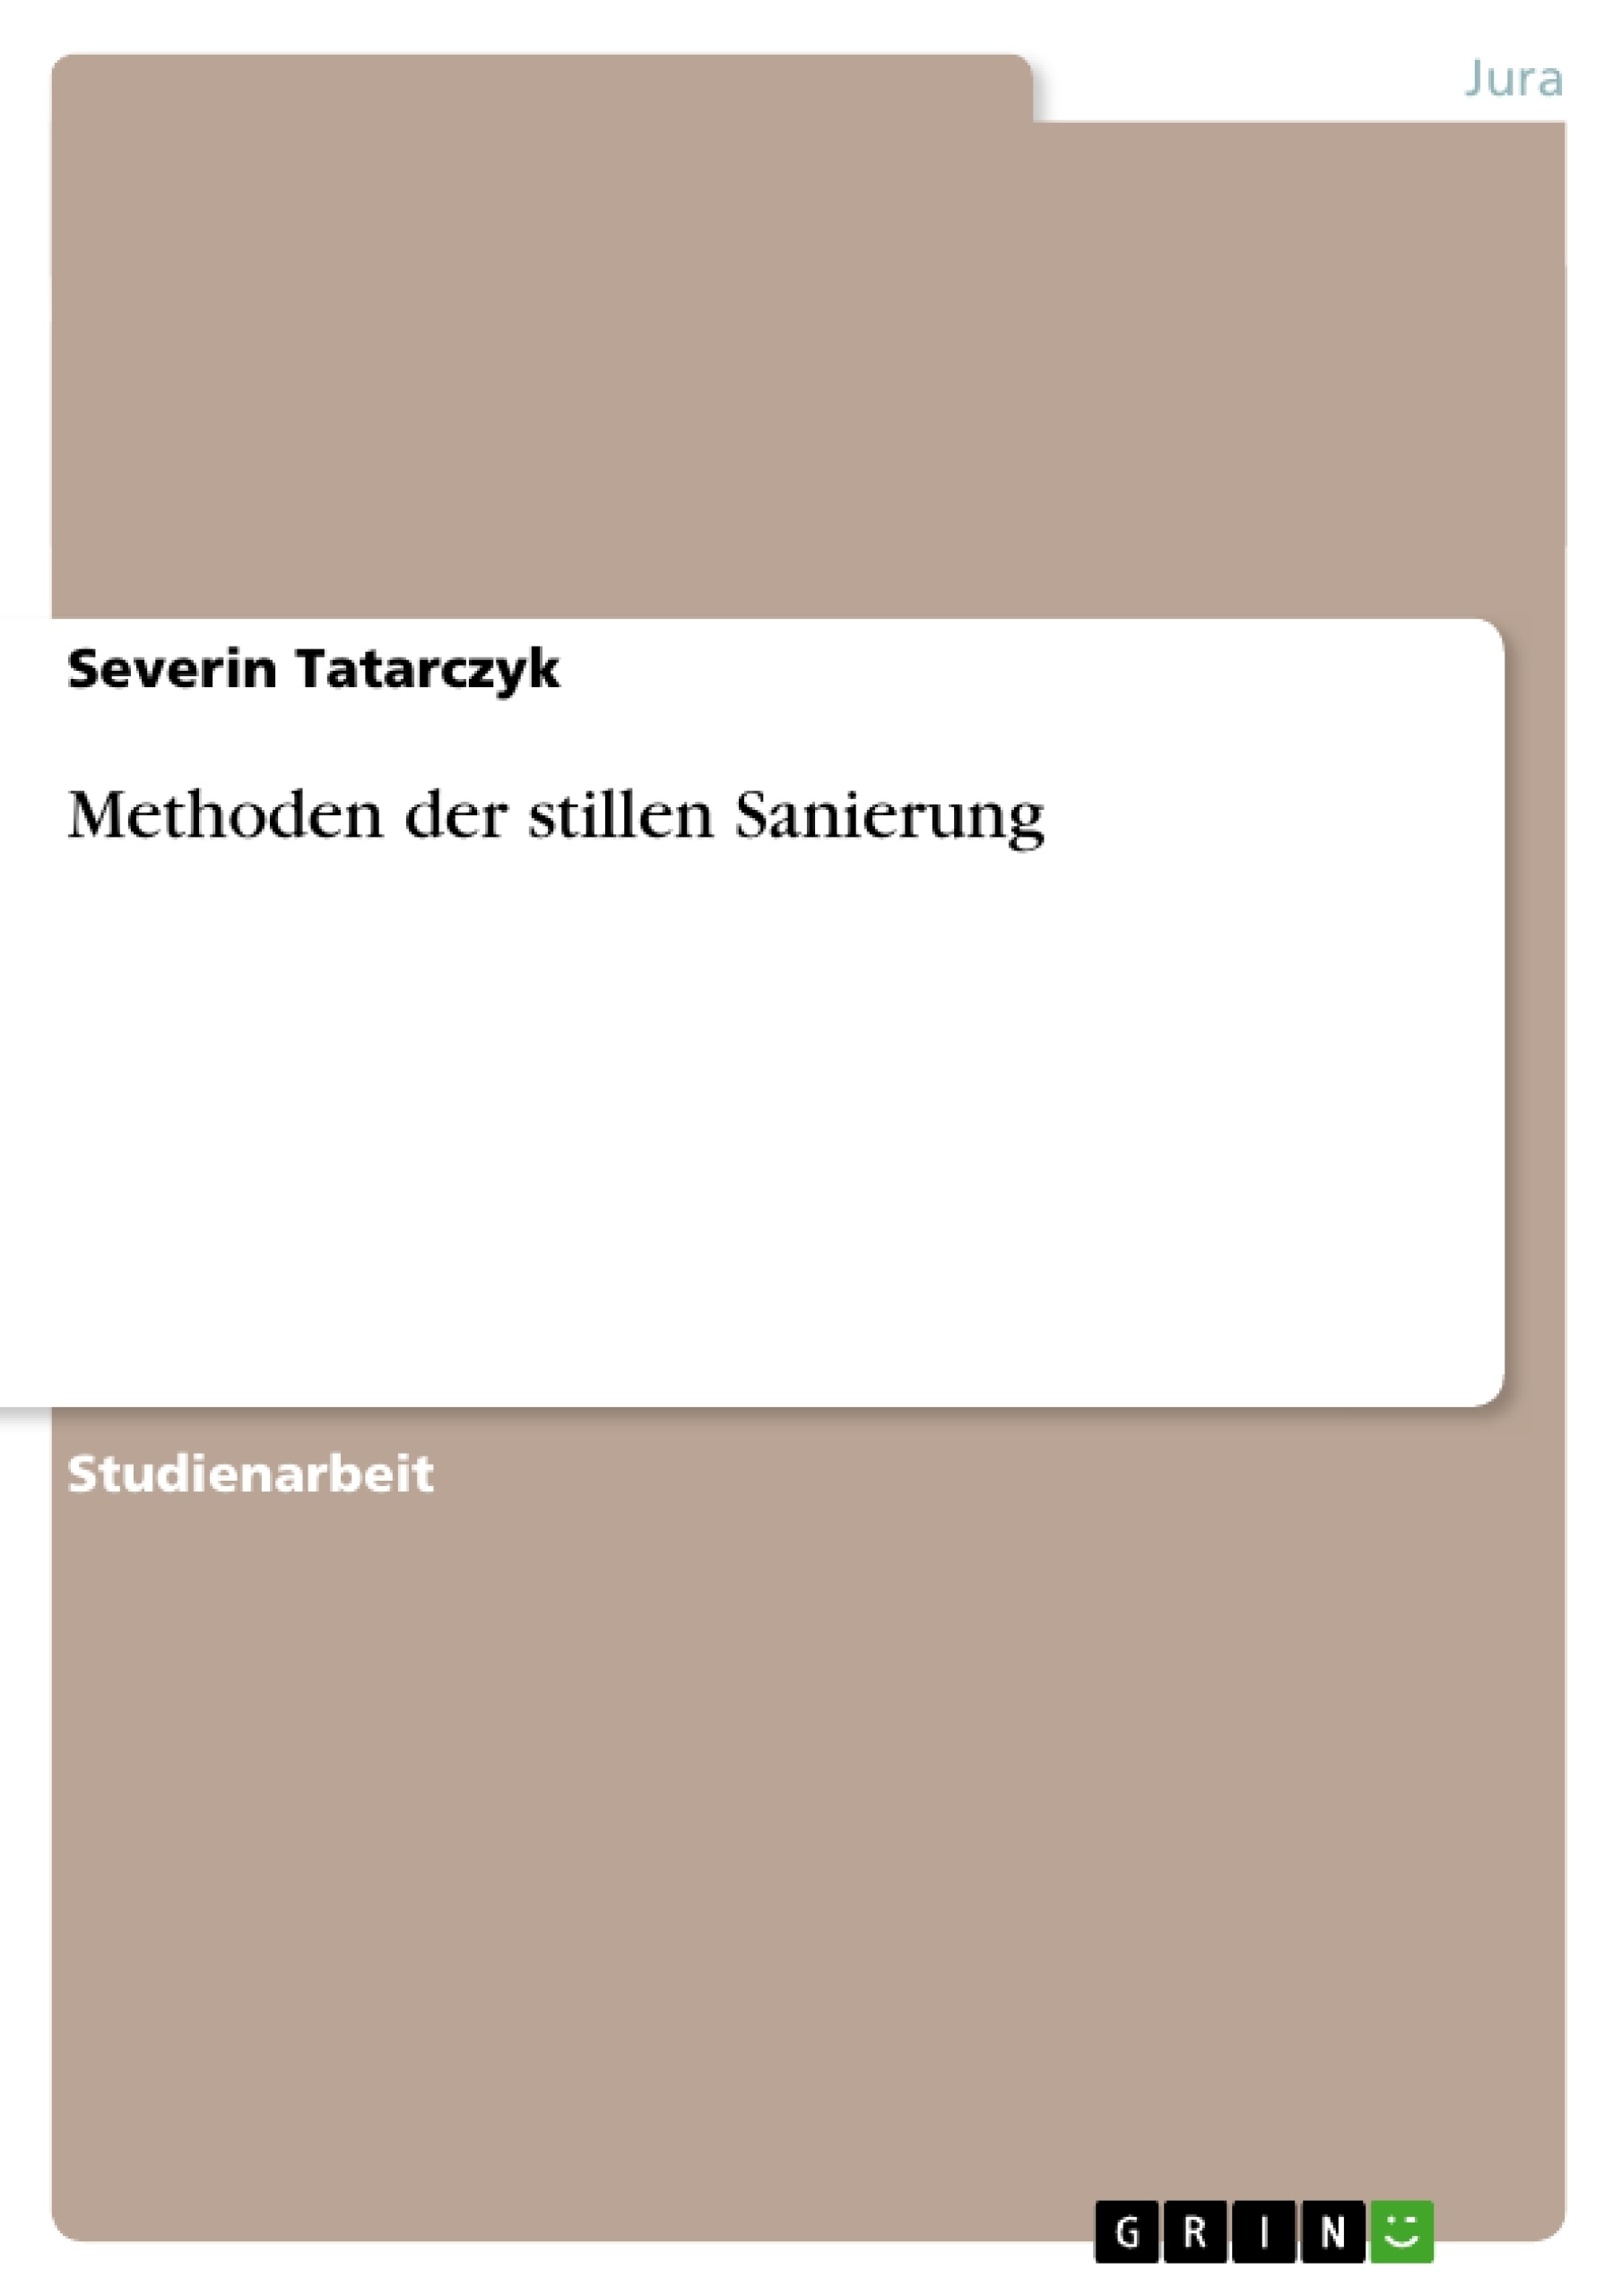 Titel: Methoden der stillen Sanierung